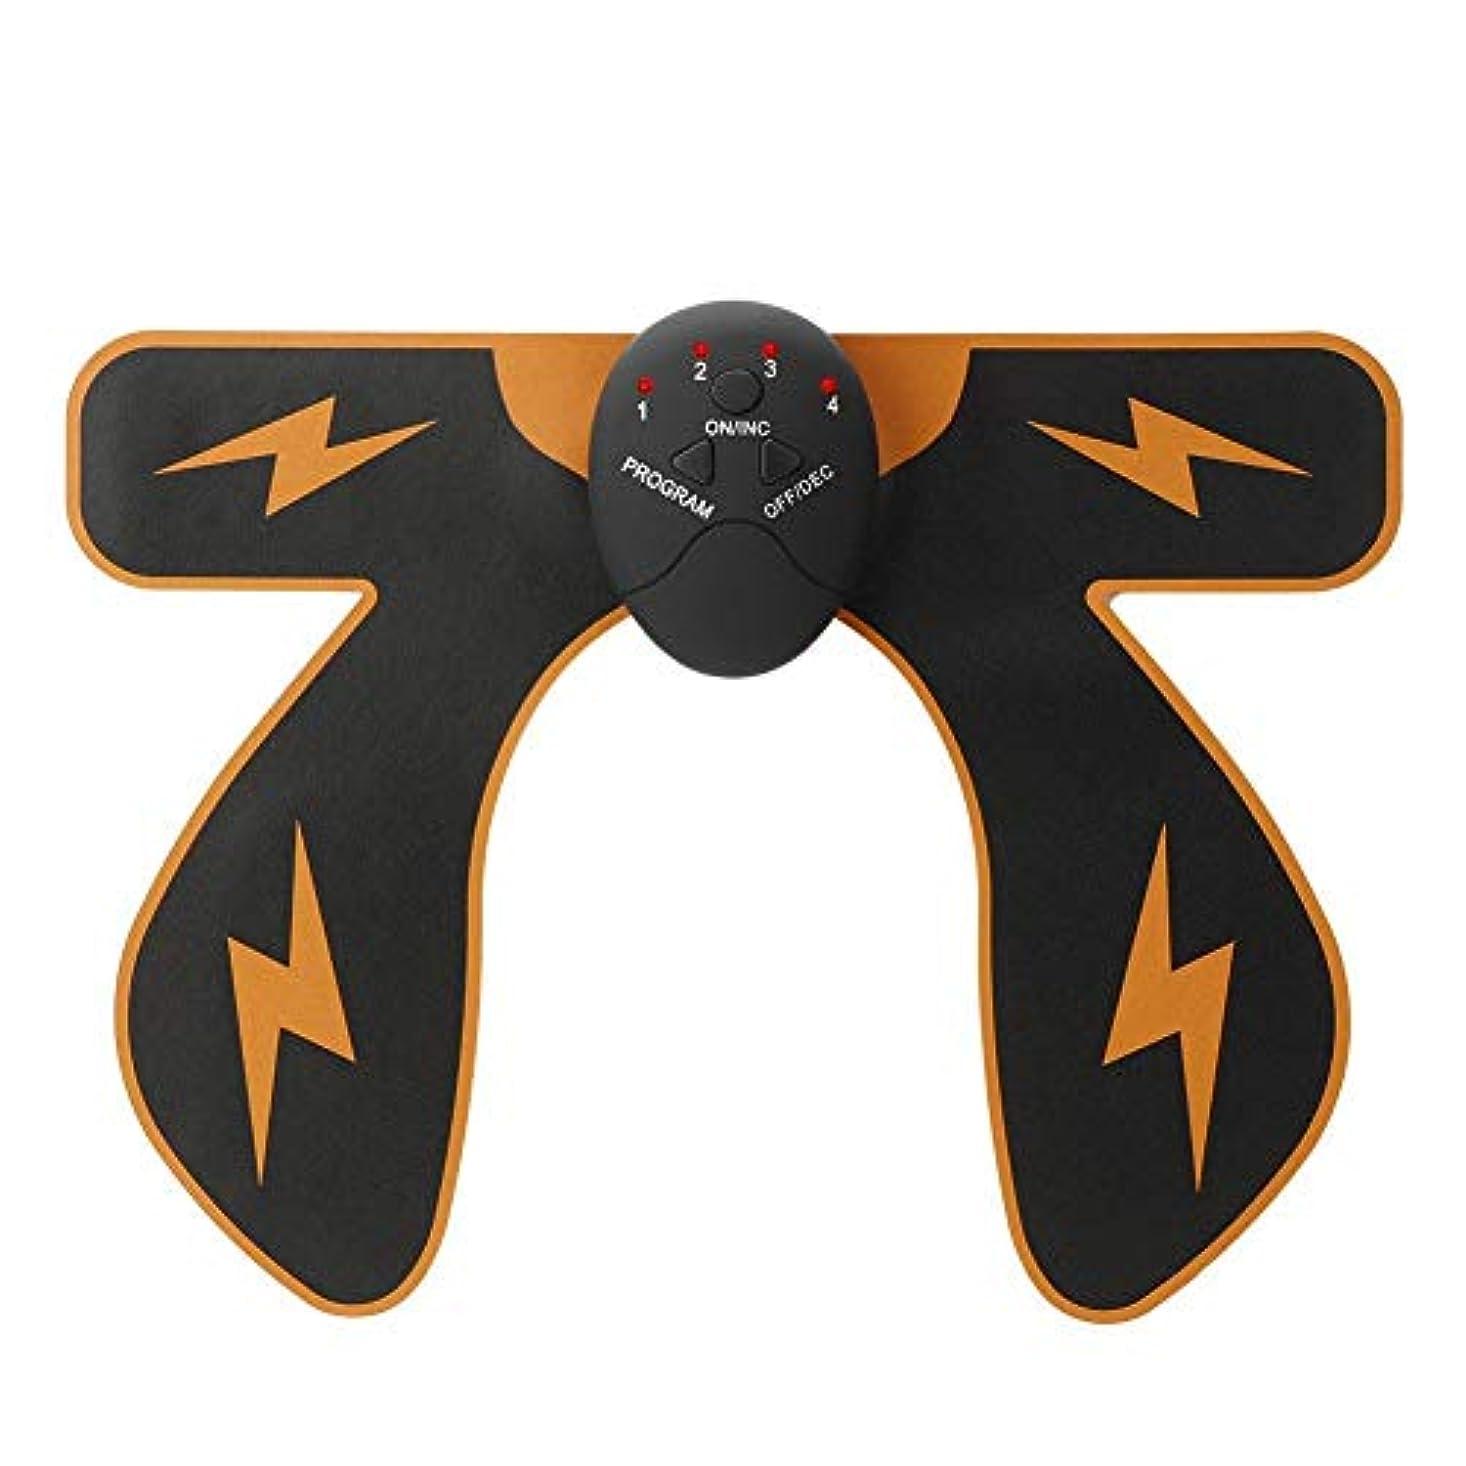 安価なスナップ略す電気ヒップトレーナー、お尻リフターシェイパーパッドボディワークアウトフィットネスマッサージ機用リフティングシェーピング整形ボディ男性女性(#2)